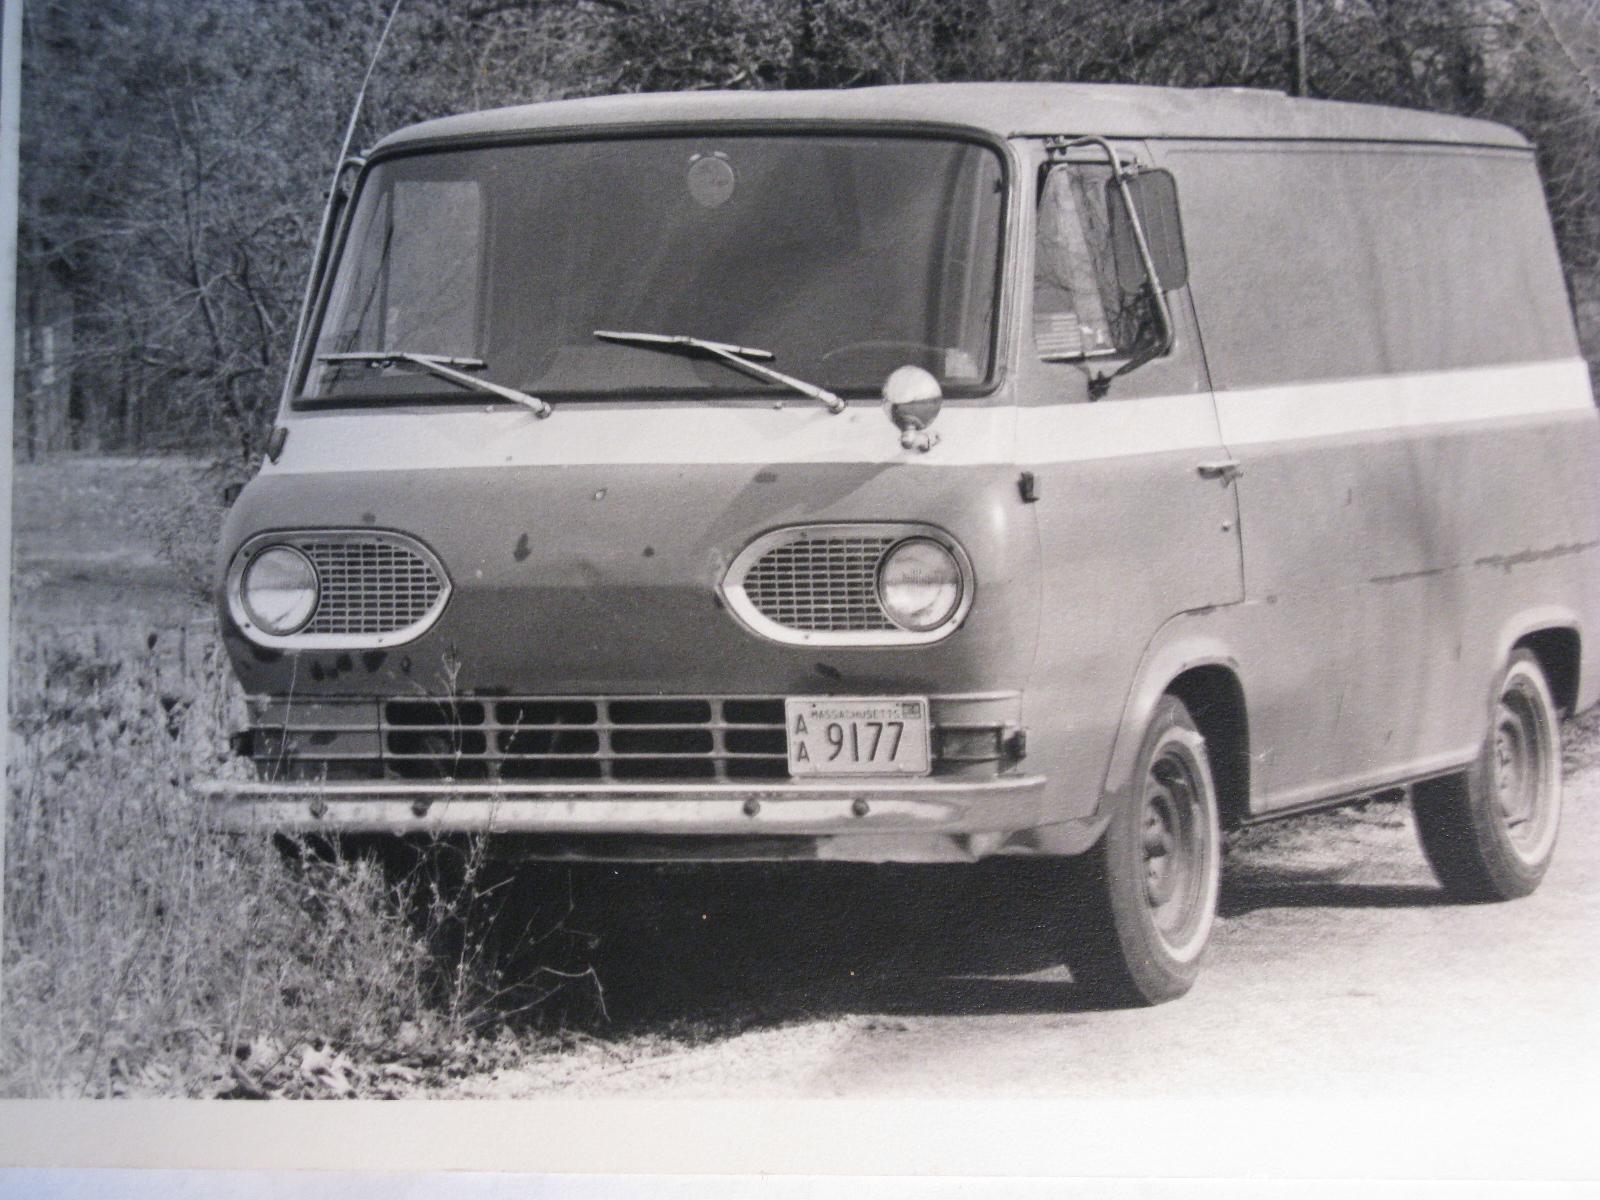 My 1966 Ford Econoline Van